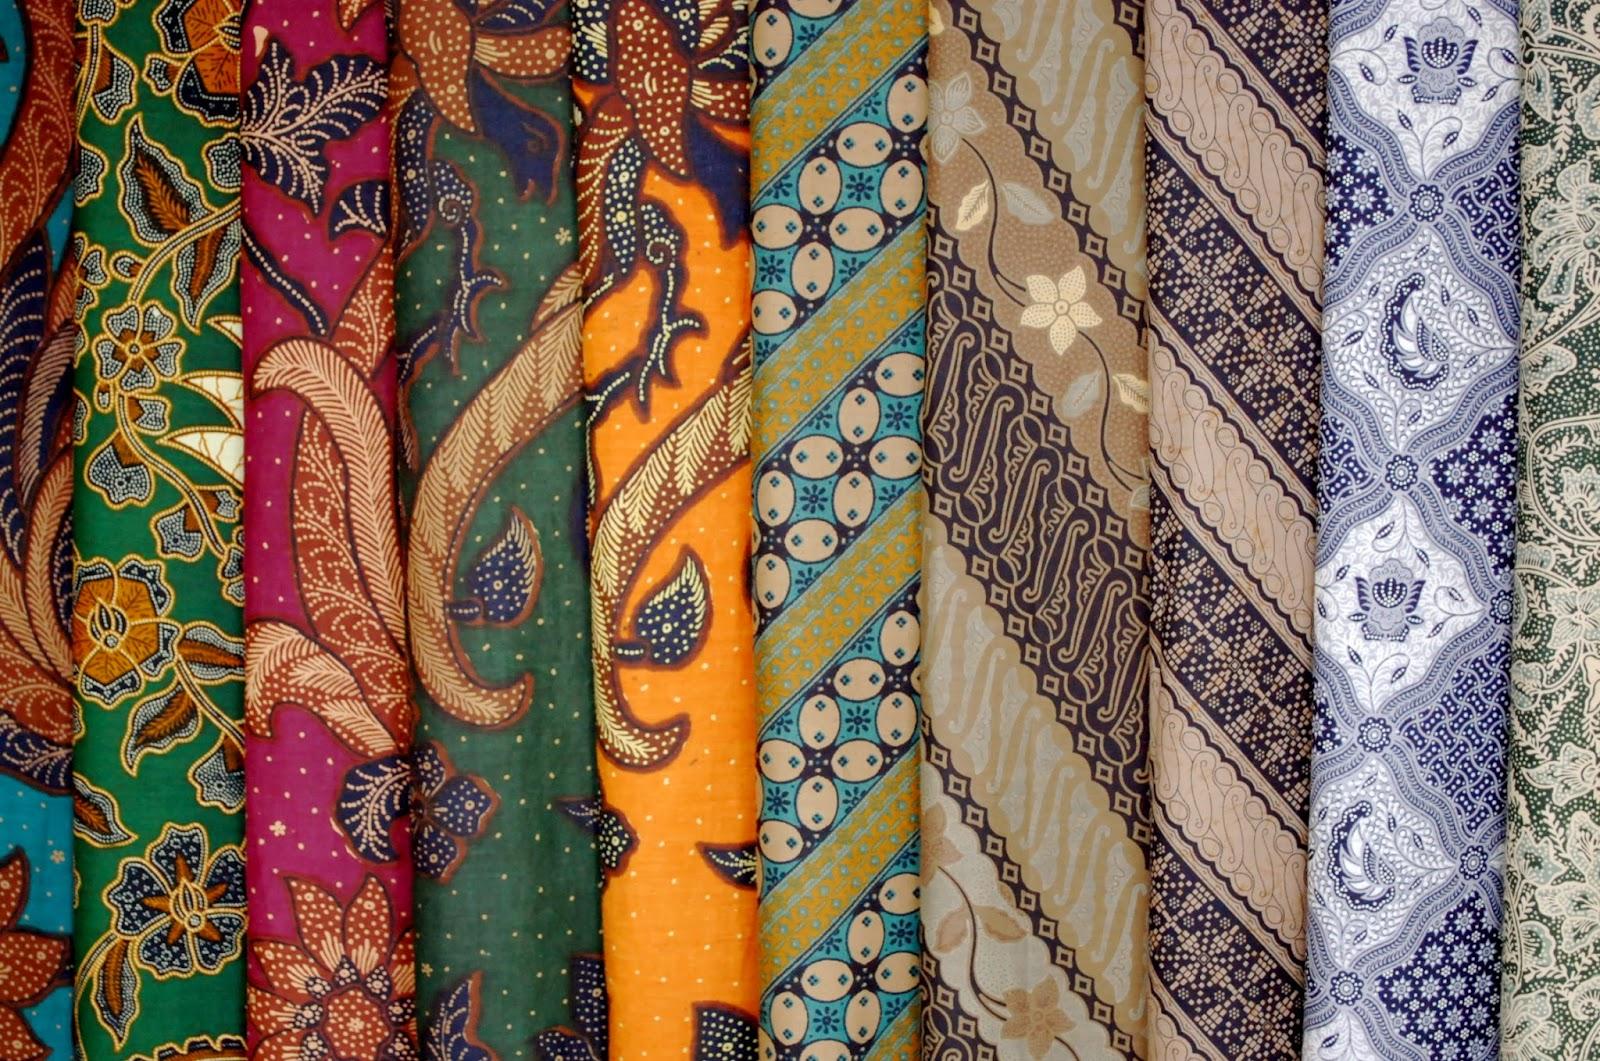 Tips Agar Batik Anda Tetap Awet, Tips Batik, Info Batik, Pola Batik, Desain Batik, Belanja Batik, Batik Semarang, Batik Jayakarta,